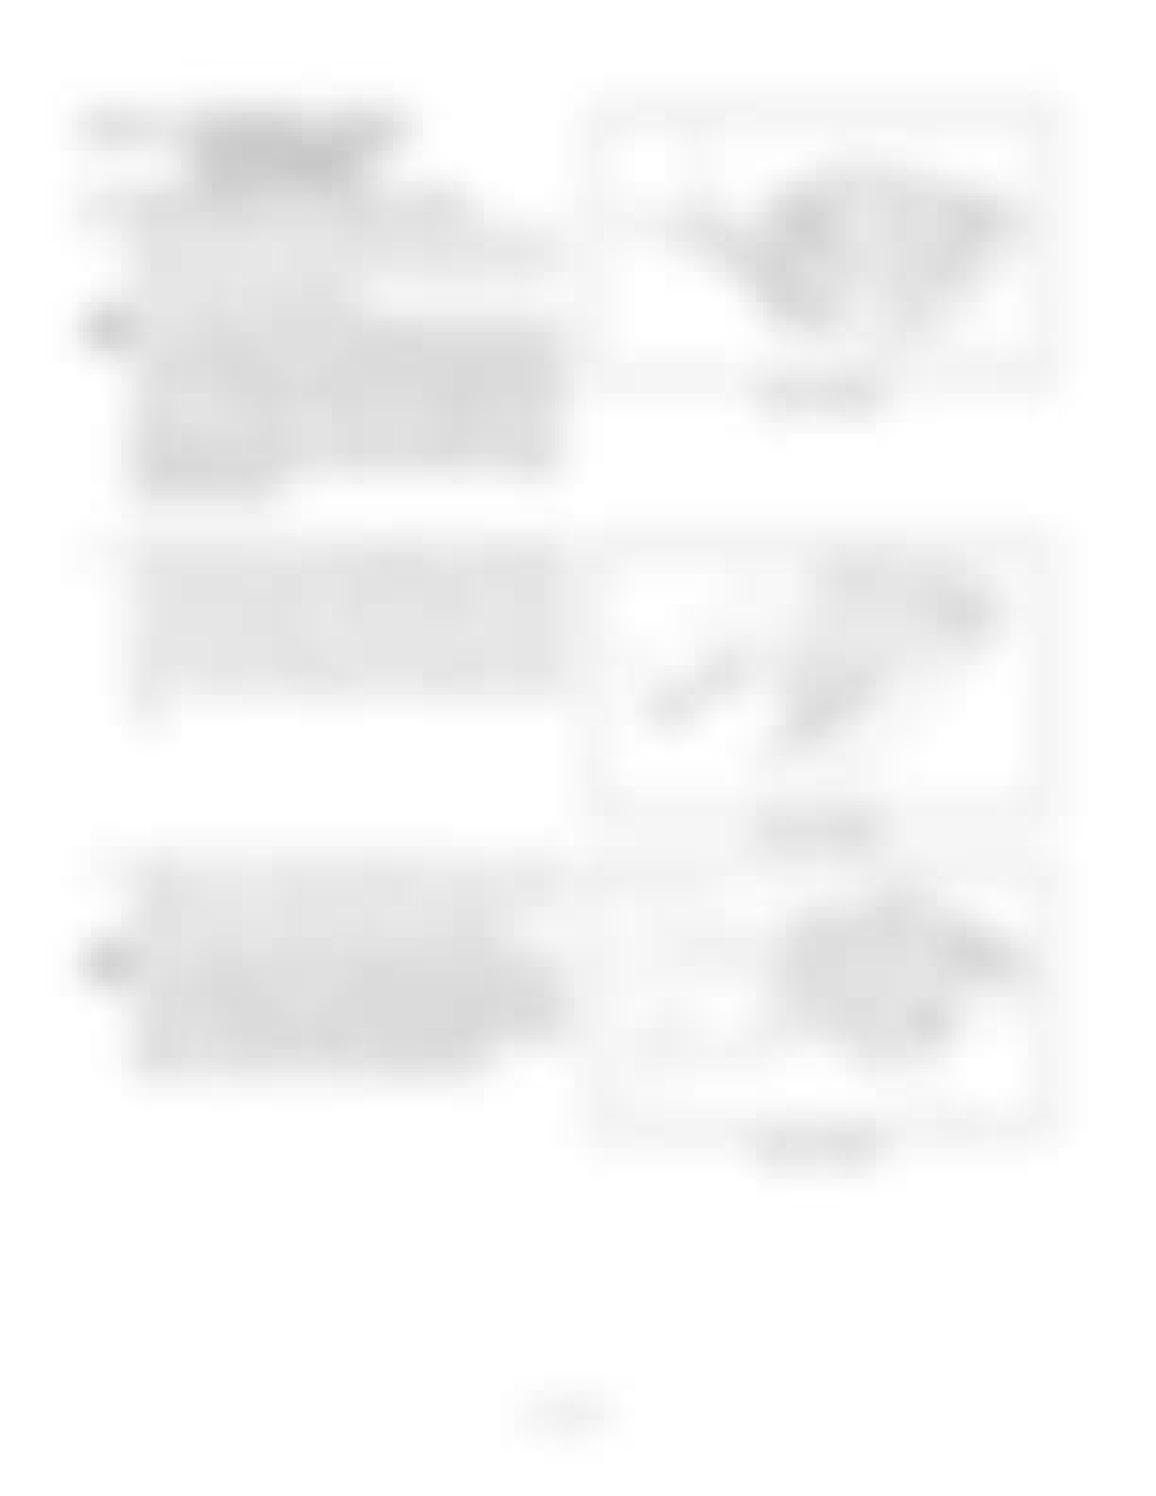 Hitachi LX110-7 LX130-7 LX160-7 LX190-7 LX230-7 Wheel Loader Workshop Manual - PDF DOWNLOAD page 52